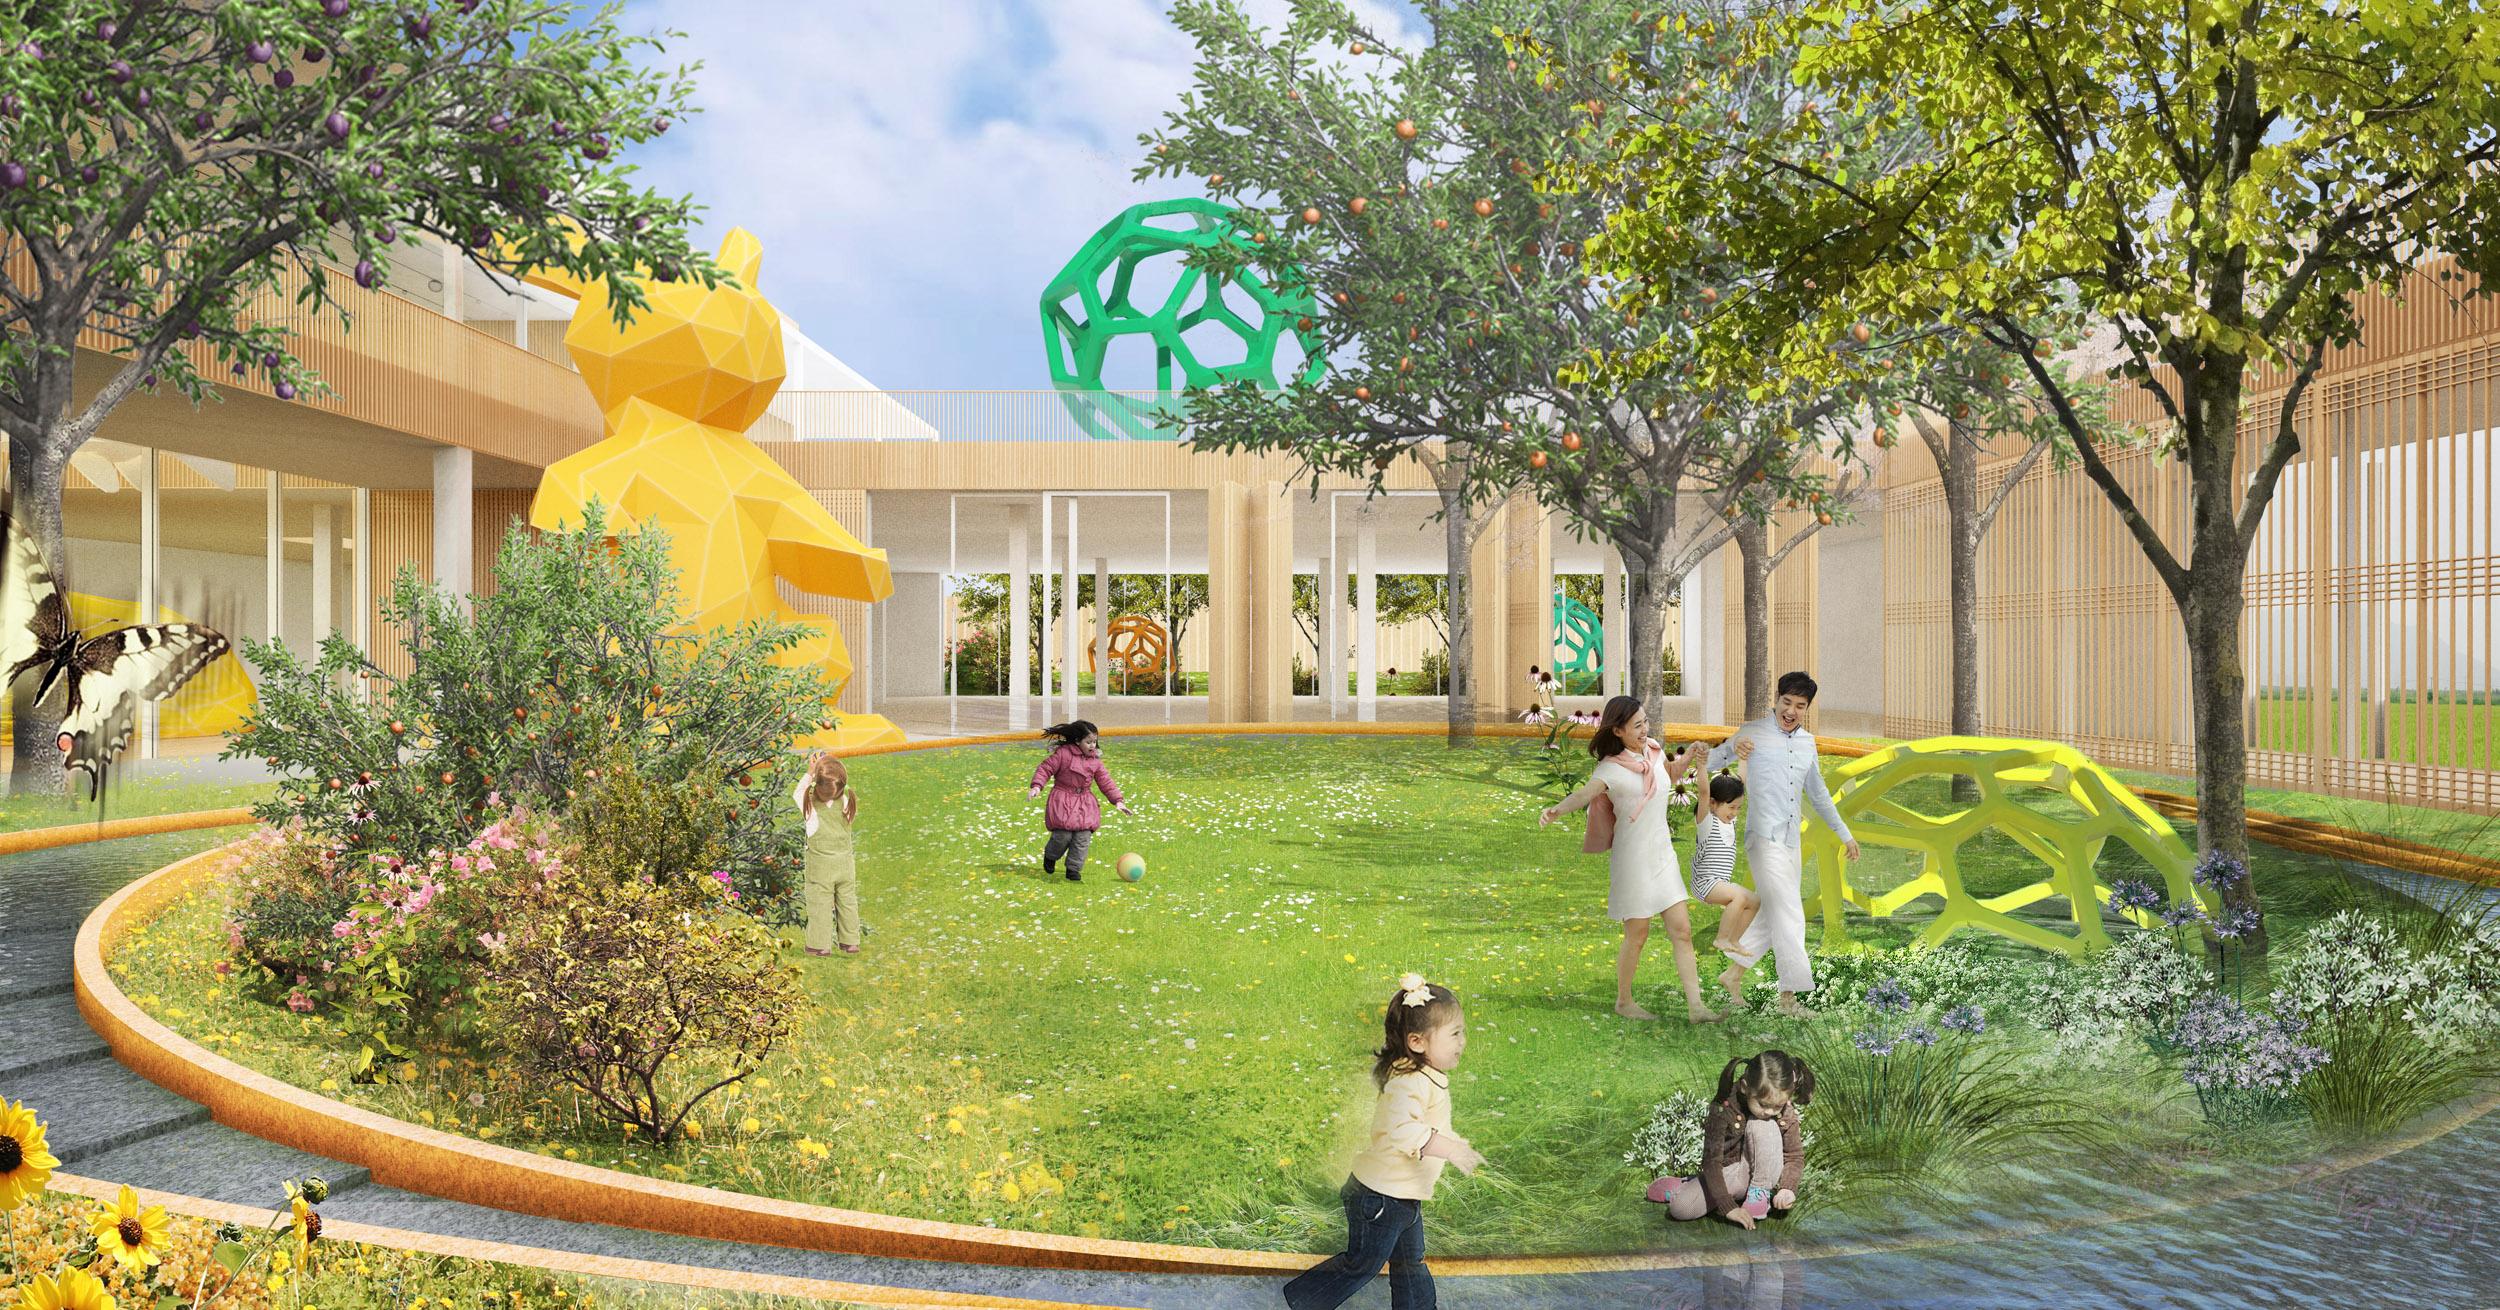 Children's Museum exhibition courtyard